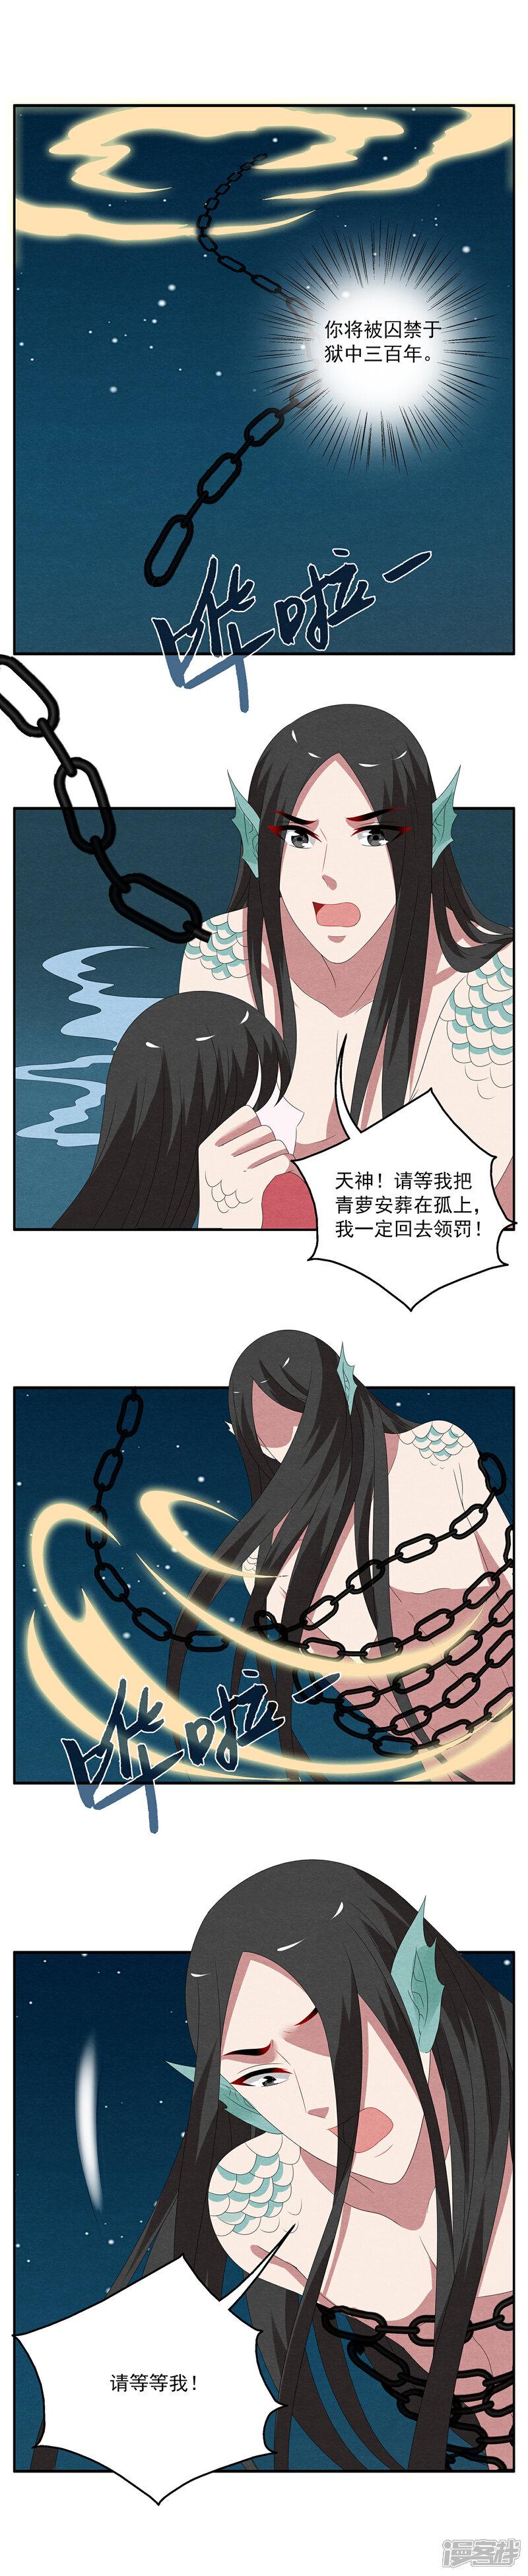 洛小妖118 (6).JPG